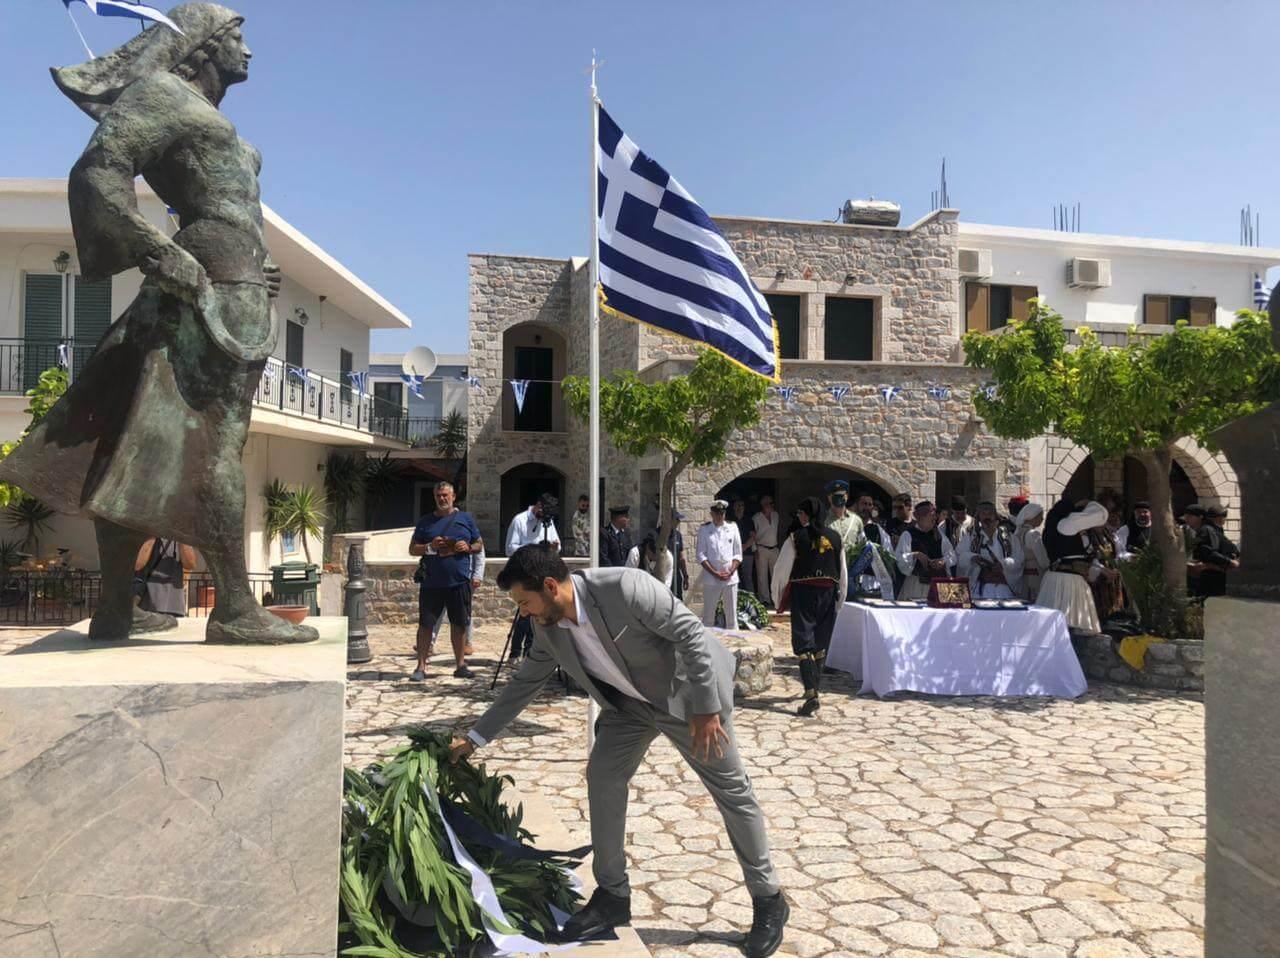 Ο Δήμος Πειραιά στις επετειακές εκδηλώσεις για τα 195 χρόνια  της Ηρωικής Μάχης του Διρού στη Μάνη